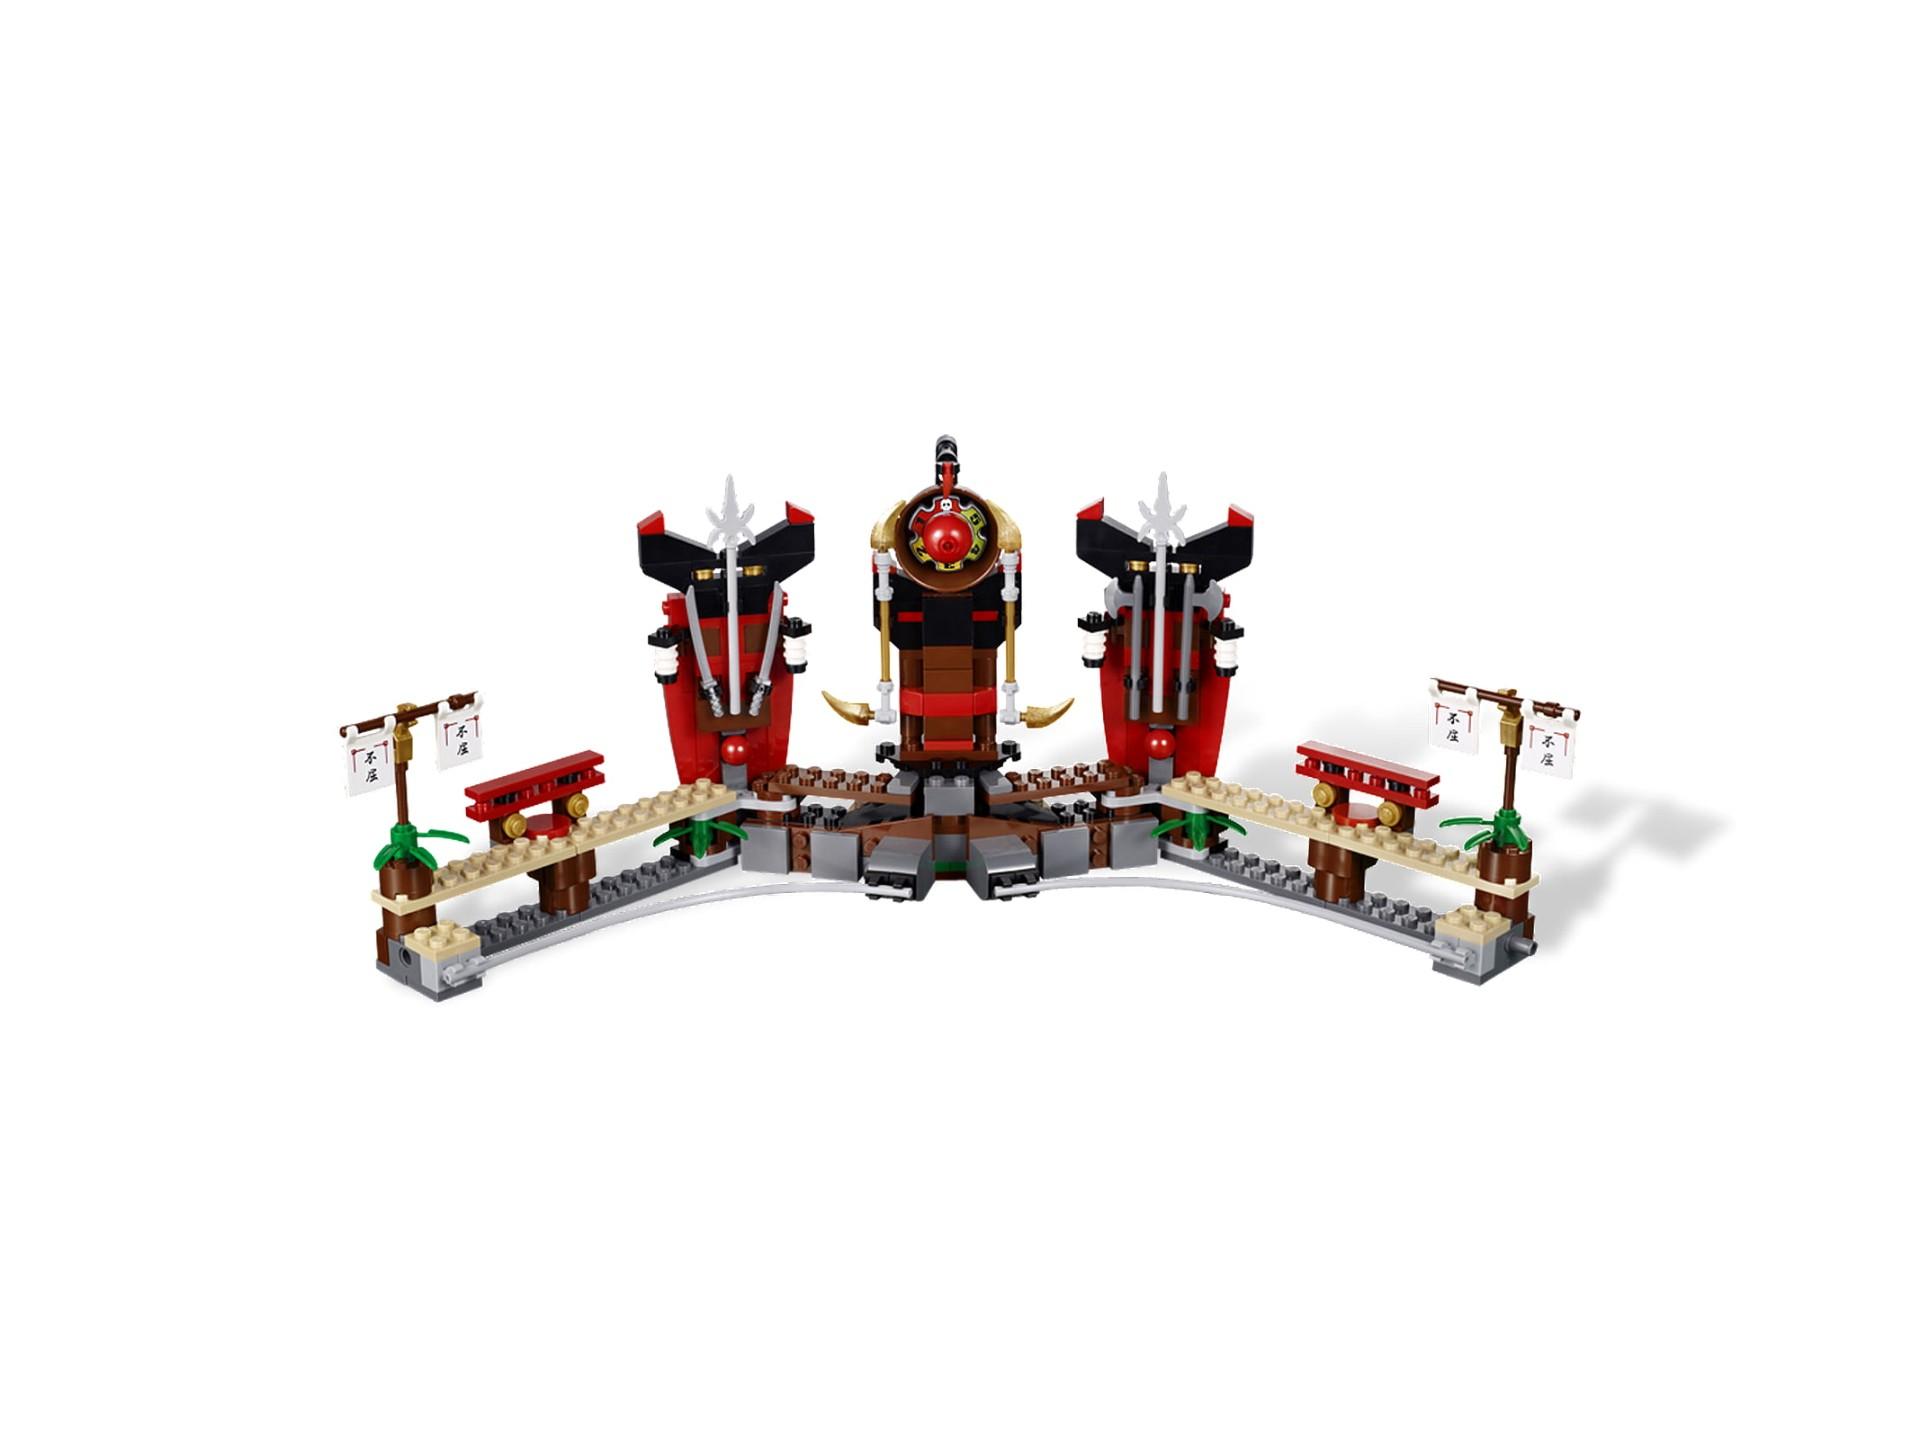 Конструктор Bl «Битва со скелетами» 9731 (НиндзяГо 2519) / 320 деталей